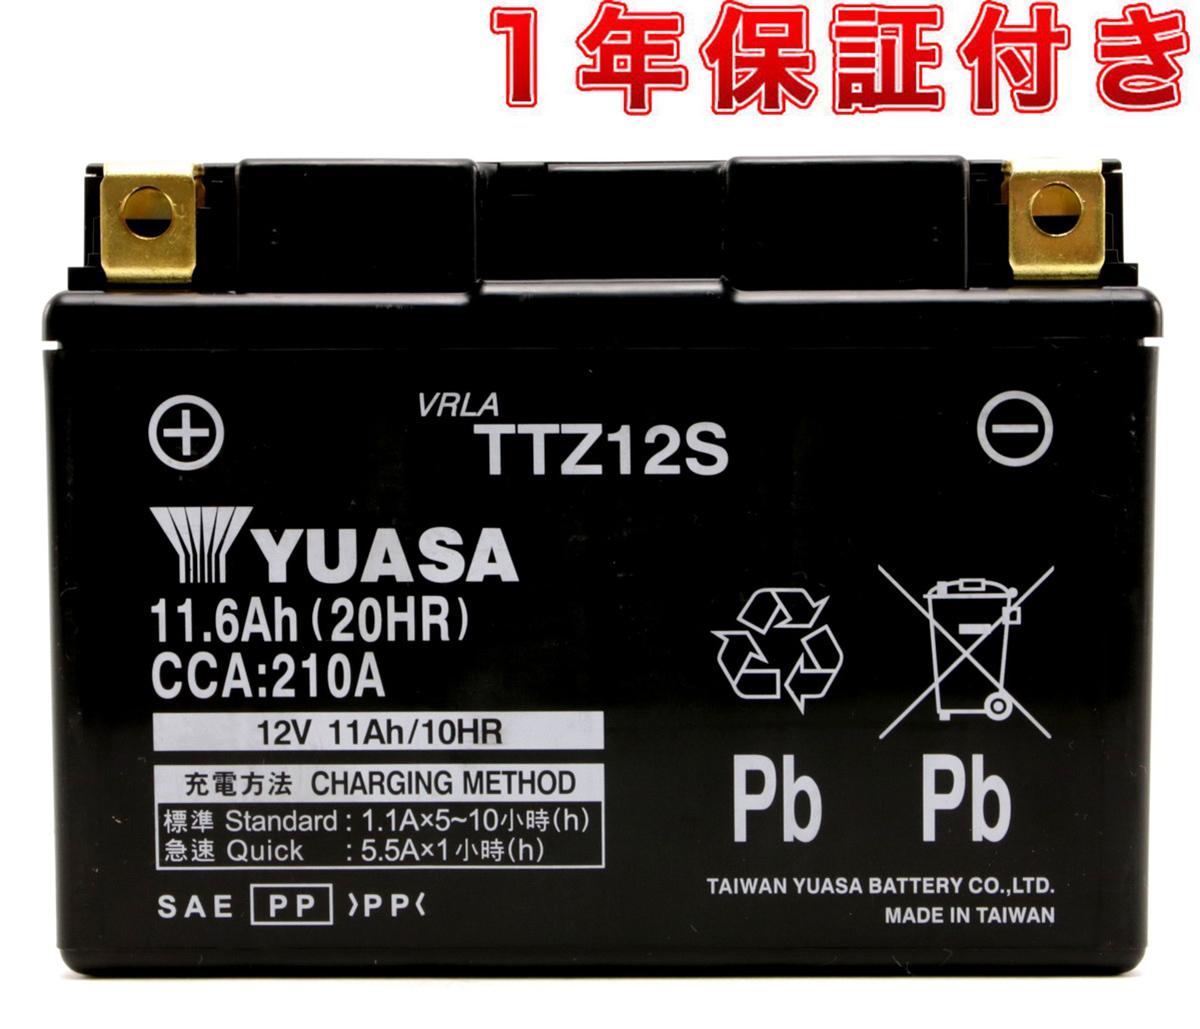 コスパ最強台湾ユアサバッテリー LINE友だちクーポン発行中 バイク バッテリー台湾YUASA TTZ12S 高級 液入り充電済み 1年保証付き GTZ12S DTZ12S オリジナル YTZ12S FTZ12S 互換